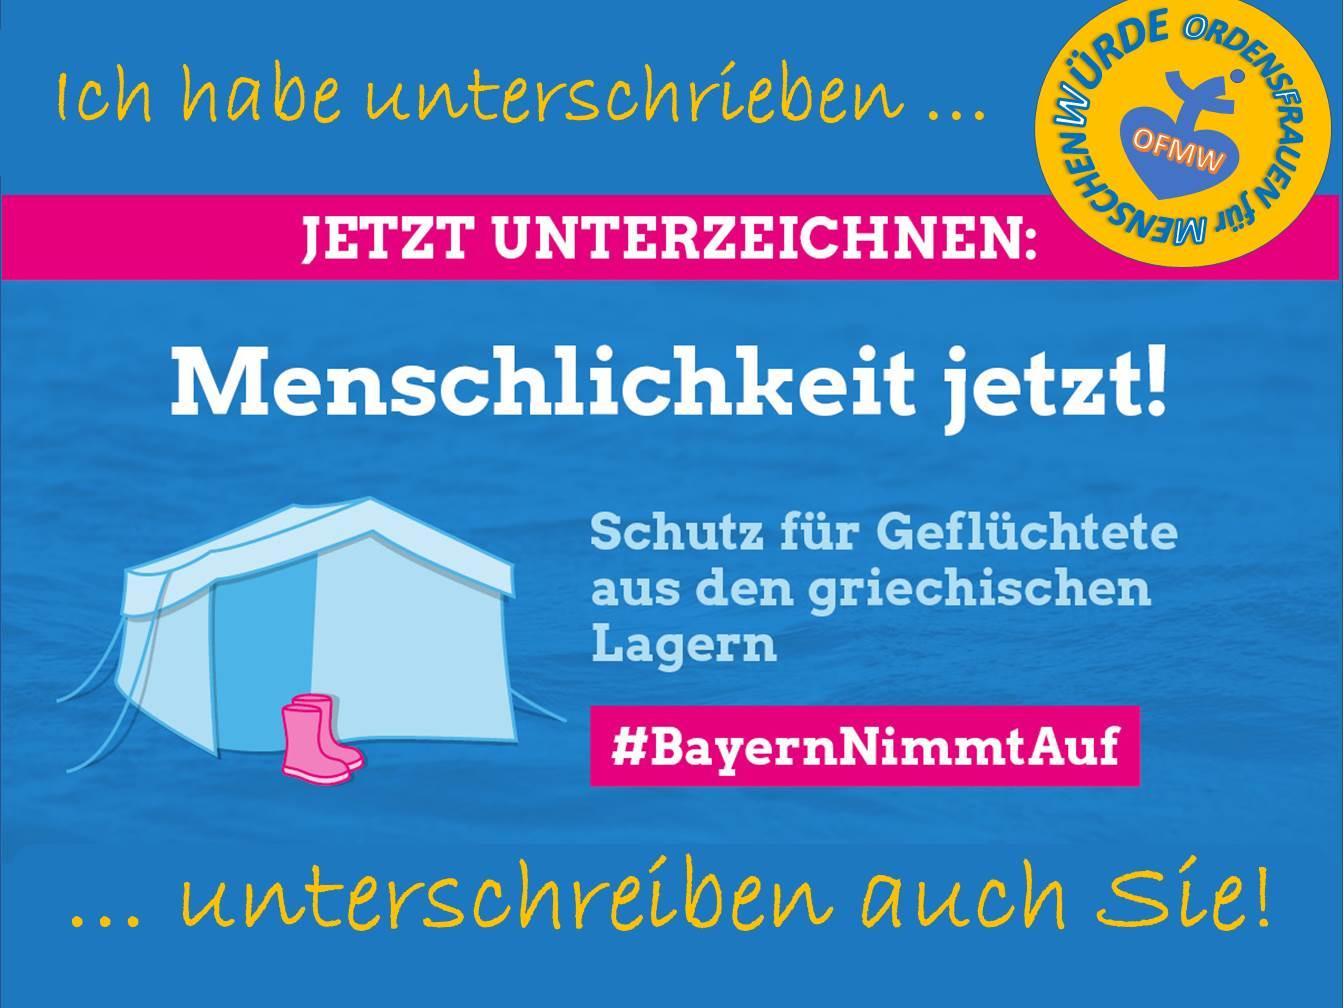 2021 03 26 Bayern nimmt auf